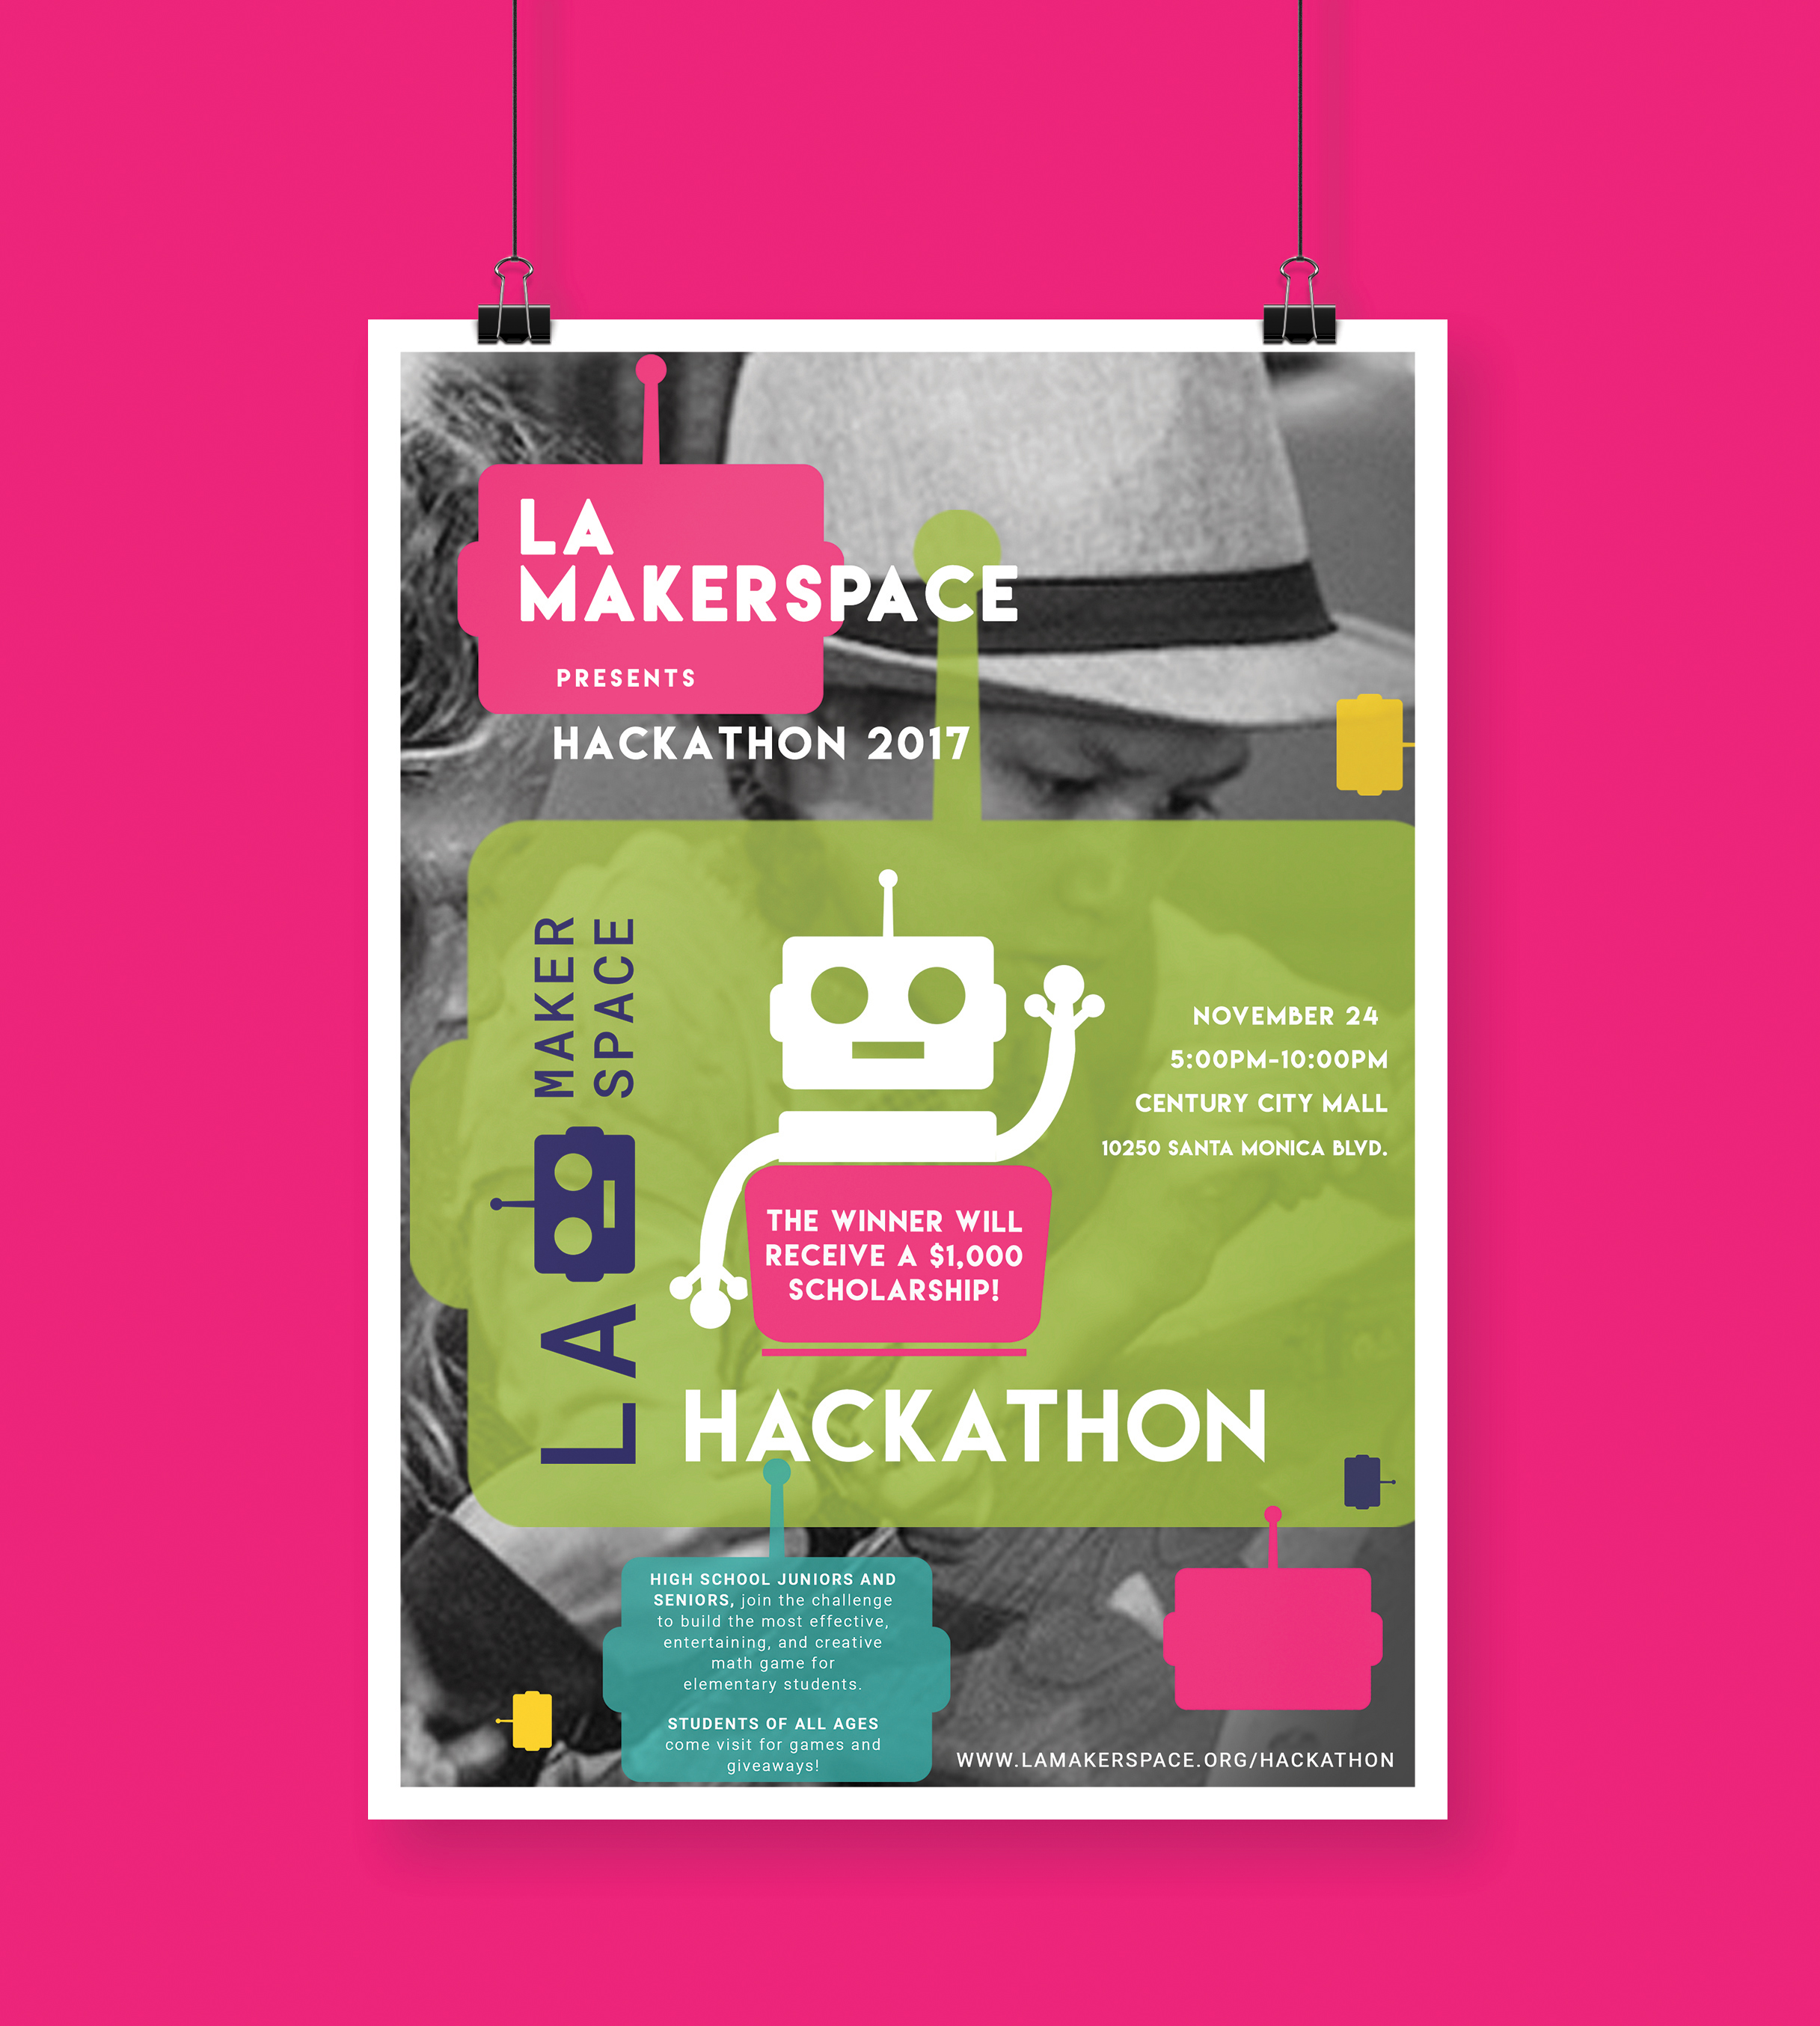 shadalene-la-makerspace-mockup-1-RGB.jpg